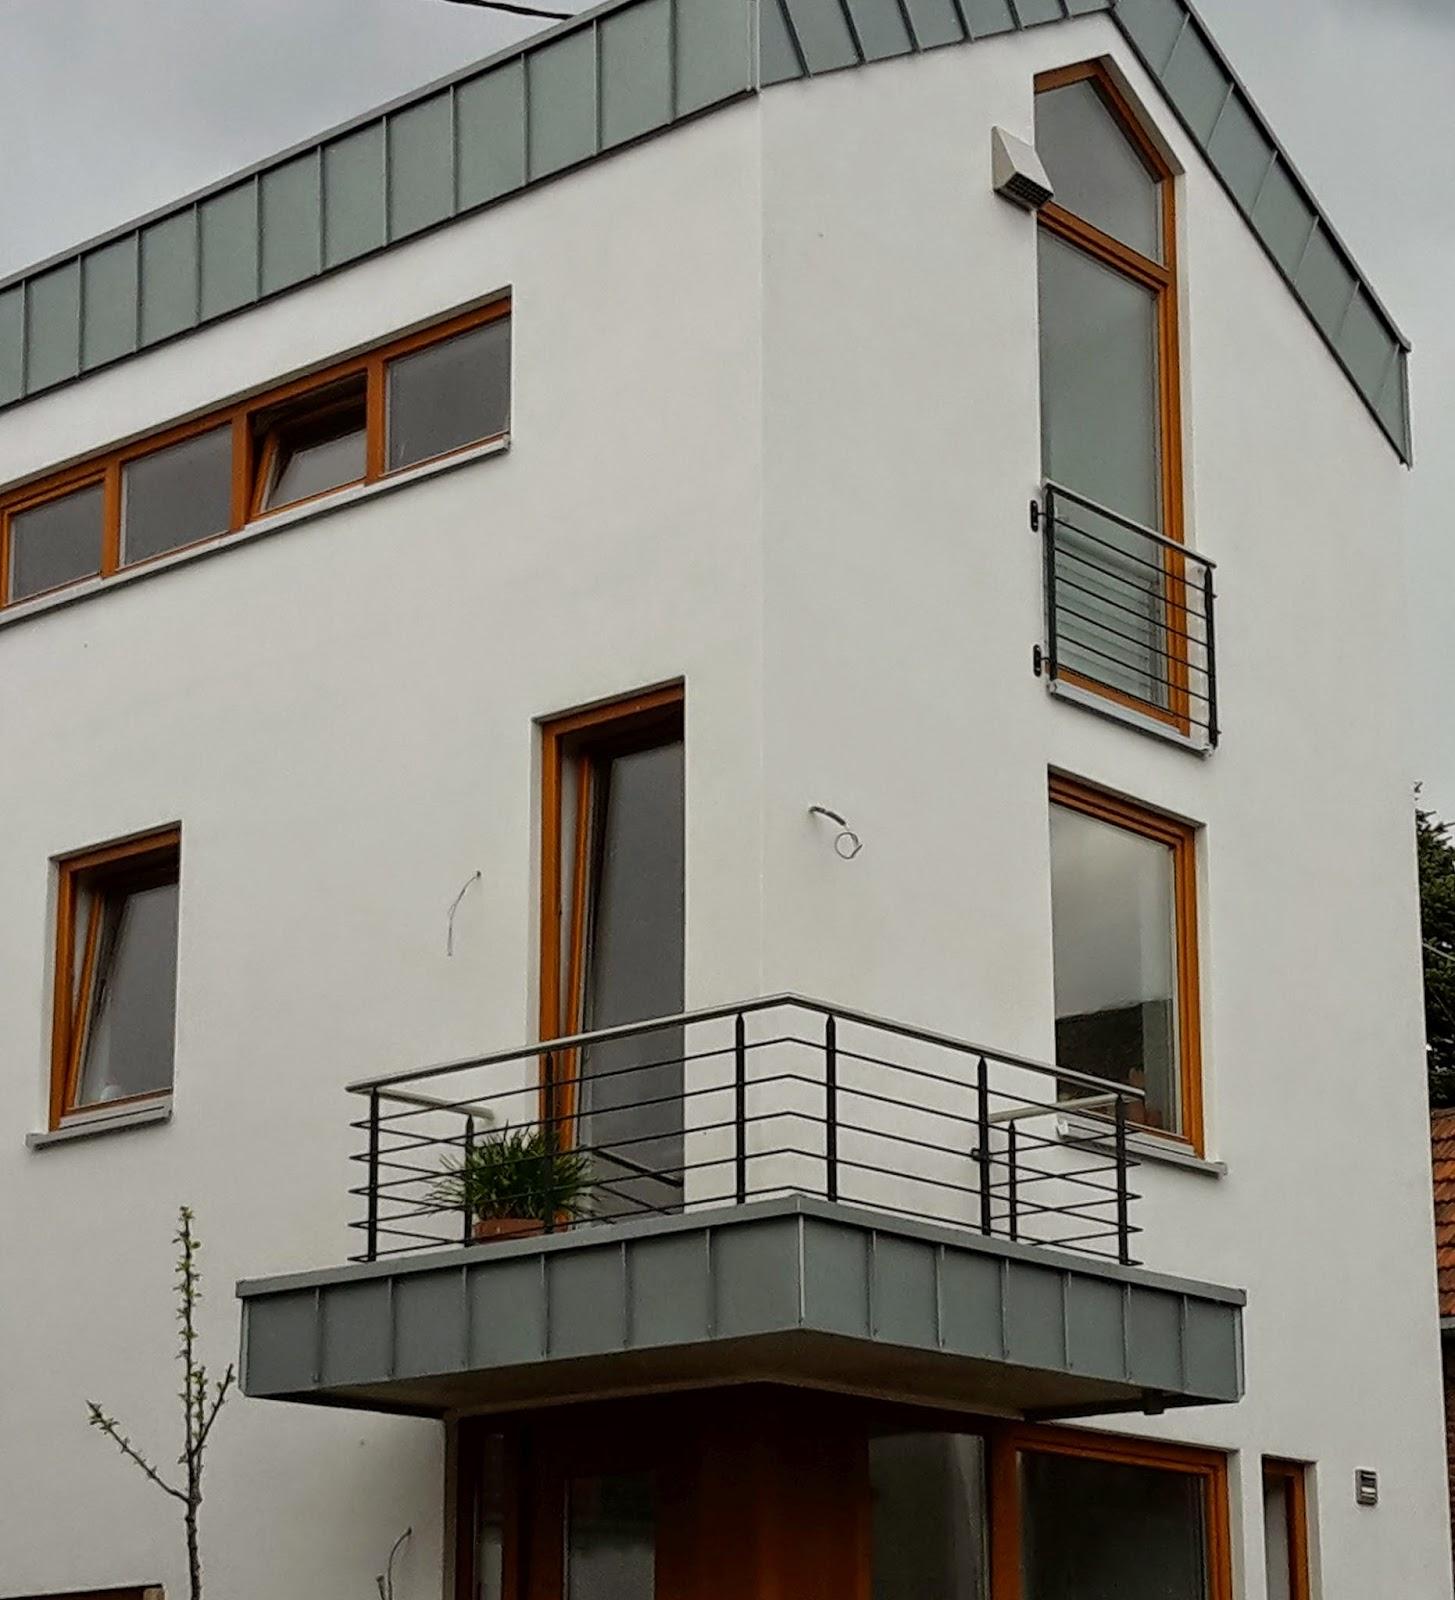 gel nder terrasse fenster lichtschacht. Black Bedroom Furniture Sets. Home Design Ideas